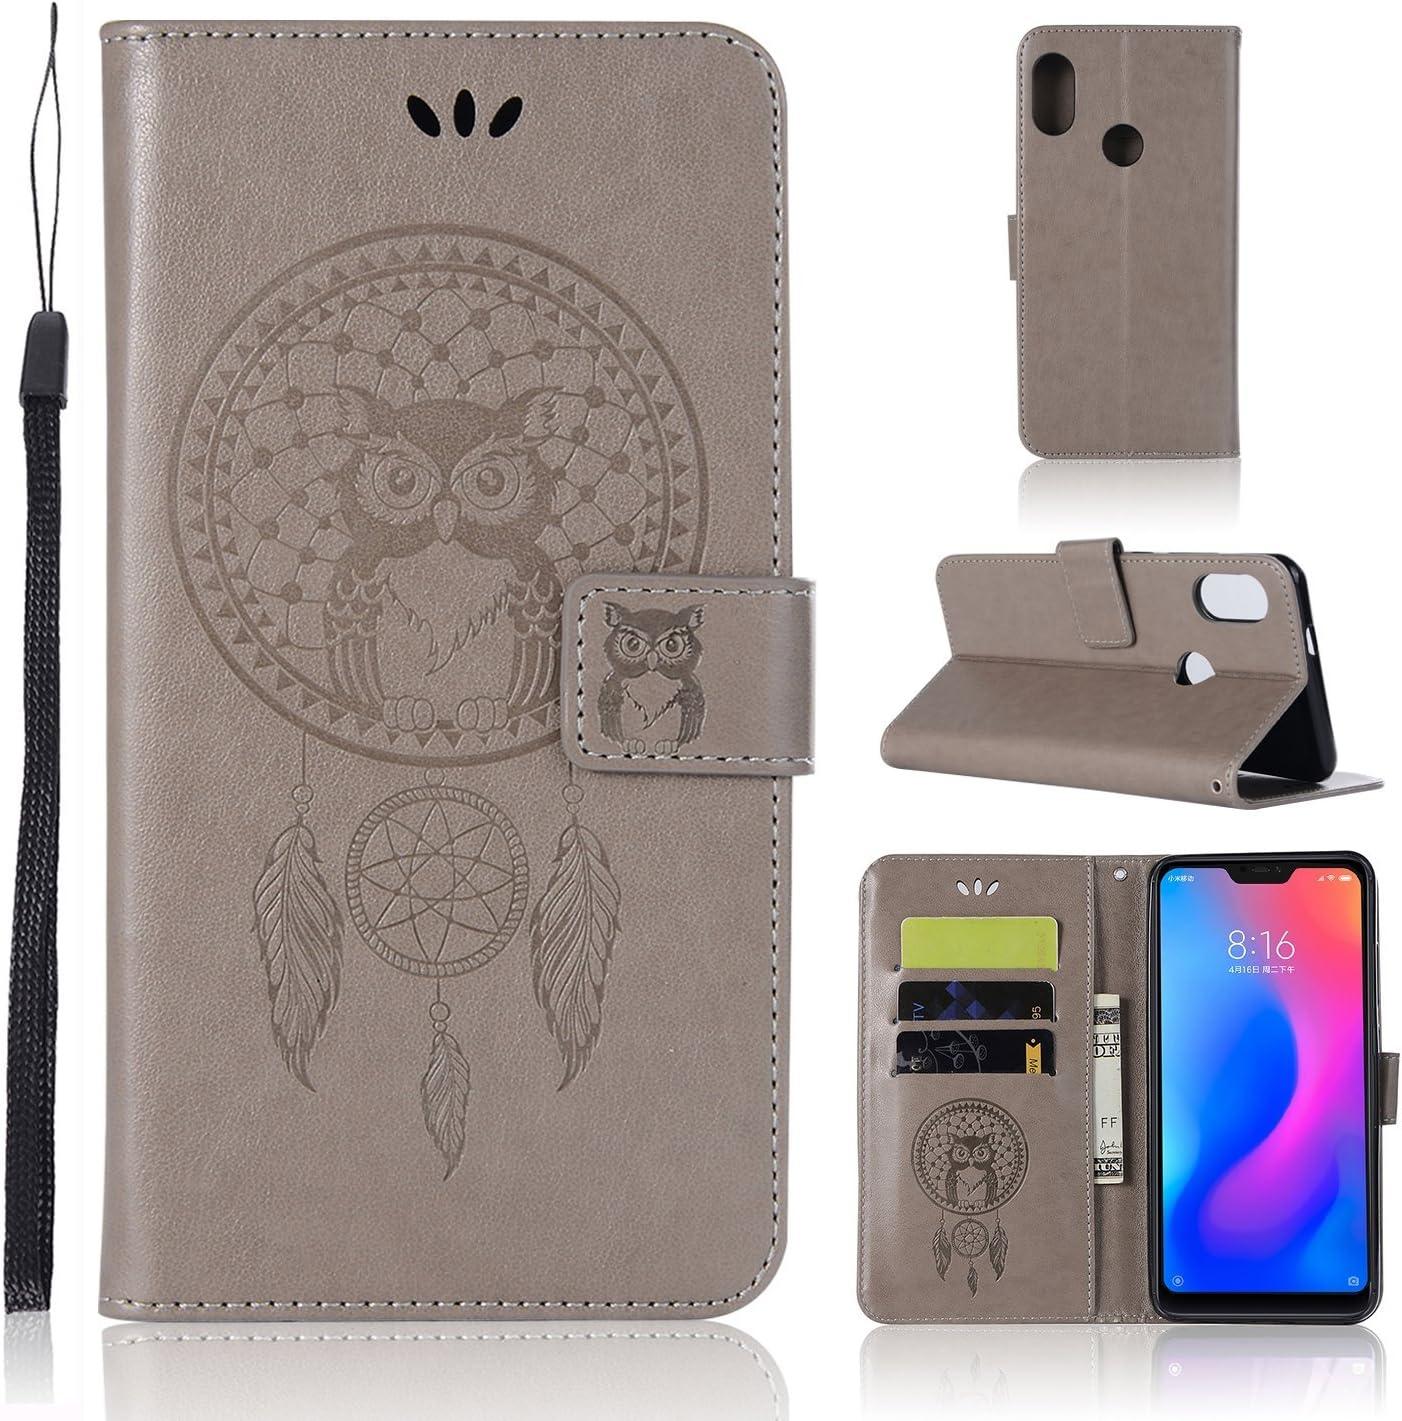 Zchen Funda Xiaomi Redmi 6 Pro, Funda Xiaomi Mi A2 Lite, Funda Piel con Tapa PU Tipo Libro Billetera Resistent Carcasa para Xiaomi Redmi 6 Pro/Mi A2 Lite (Atrapasueños Búho-Gris)